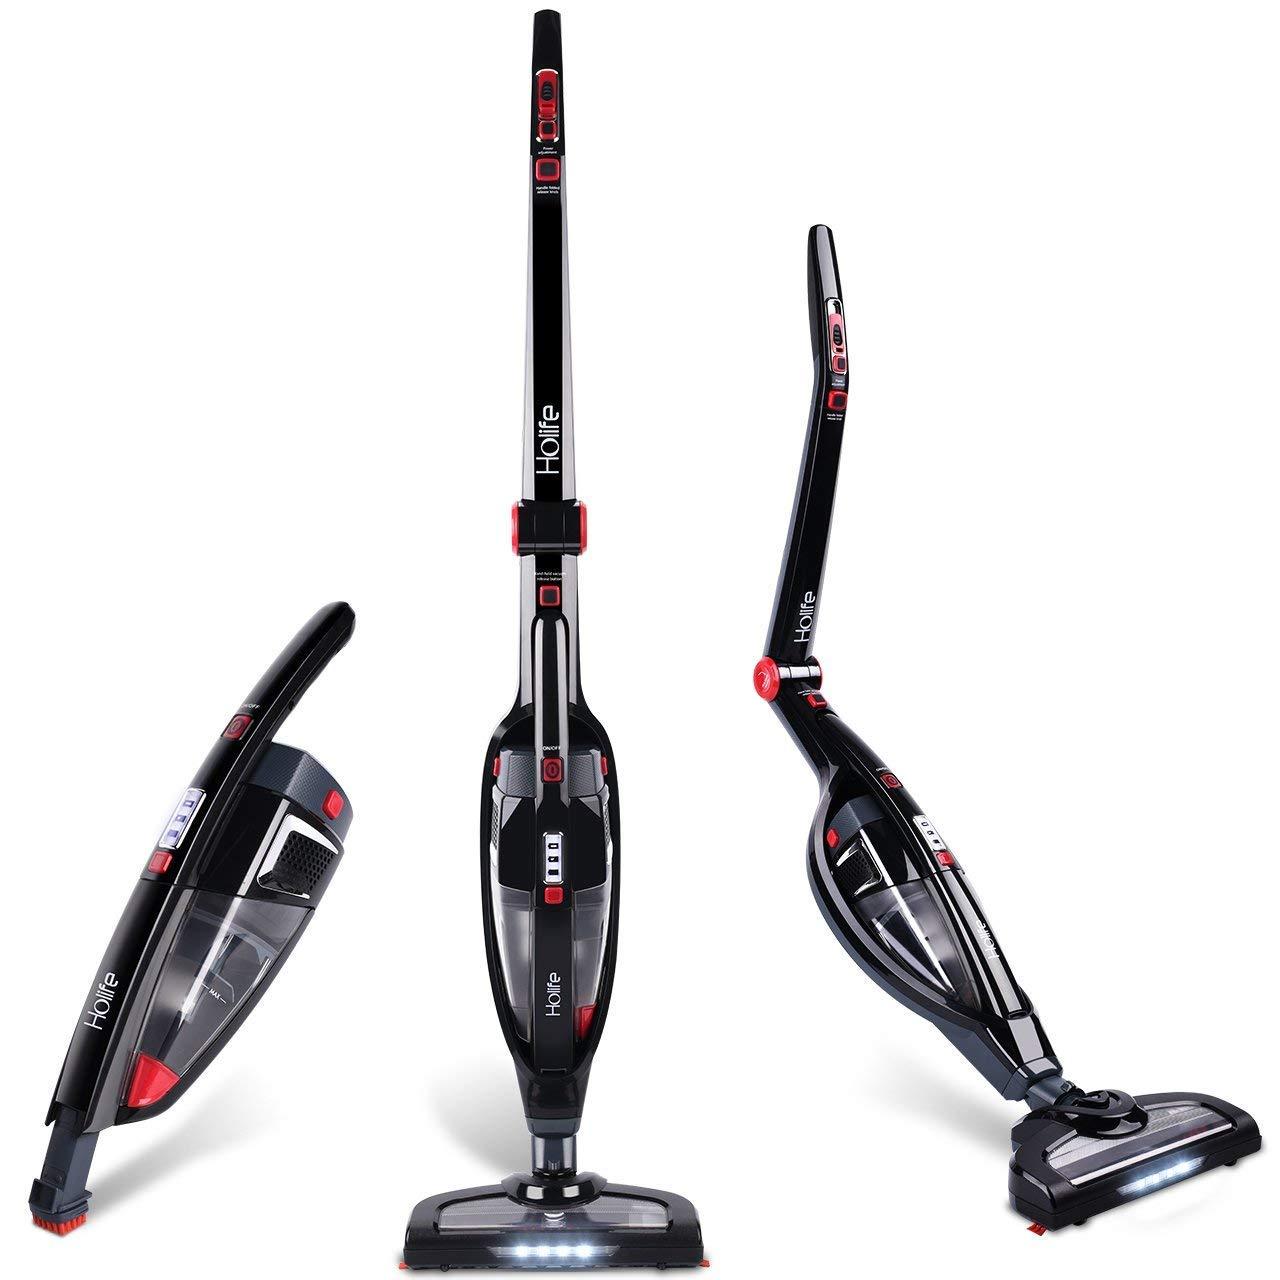 Holife Cleaner 2 en 1 - Aspirador de Mano Vertical sin Cable Recargable sin Bolsa con luz LED, estándar: Amazon.es: Hogar